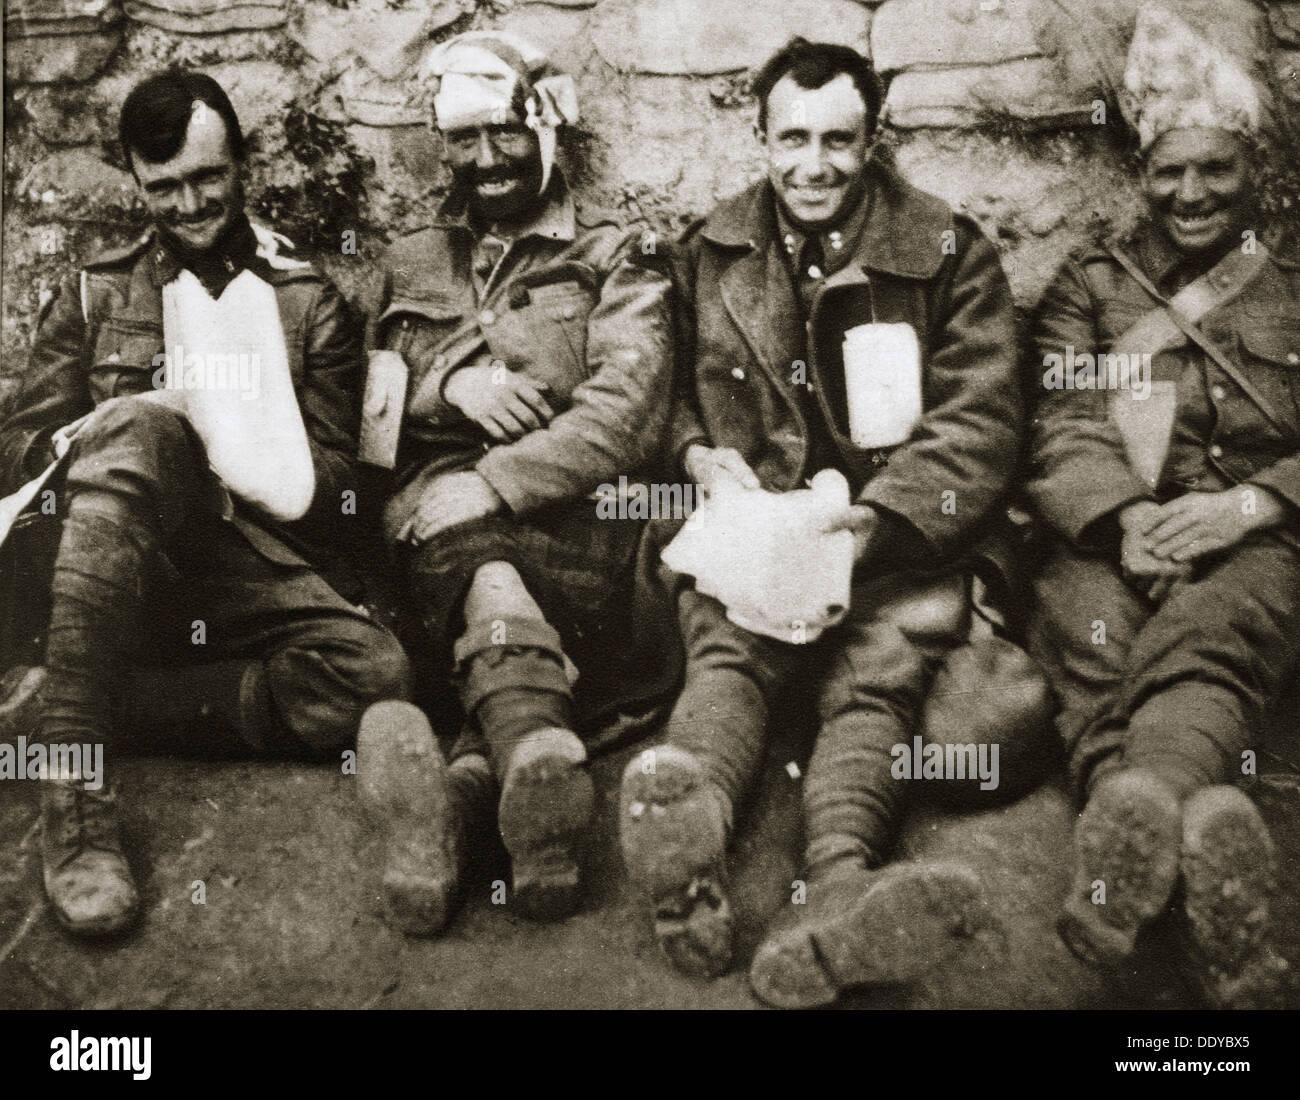 """'It's a Long Way to Tipperary"""", les troupes irlandaises à Gallipoli, en Turquie, la Première Guerre mondiale, c1915-c1916. Artiste: Inconnu Photo Stock"""